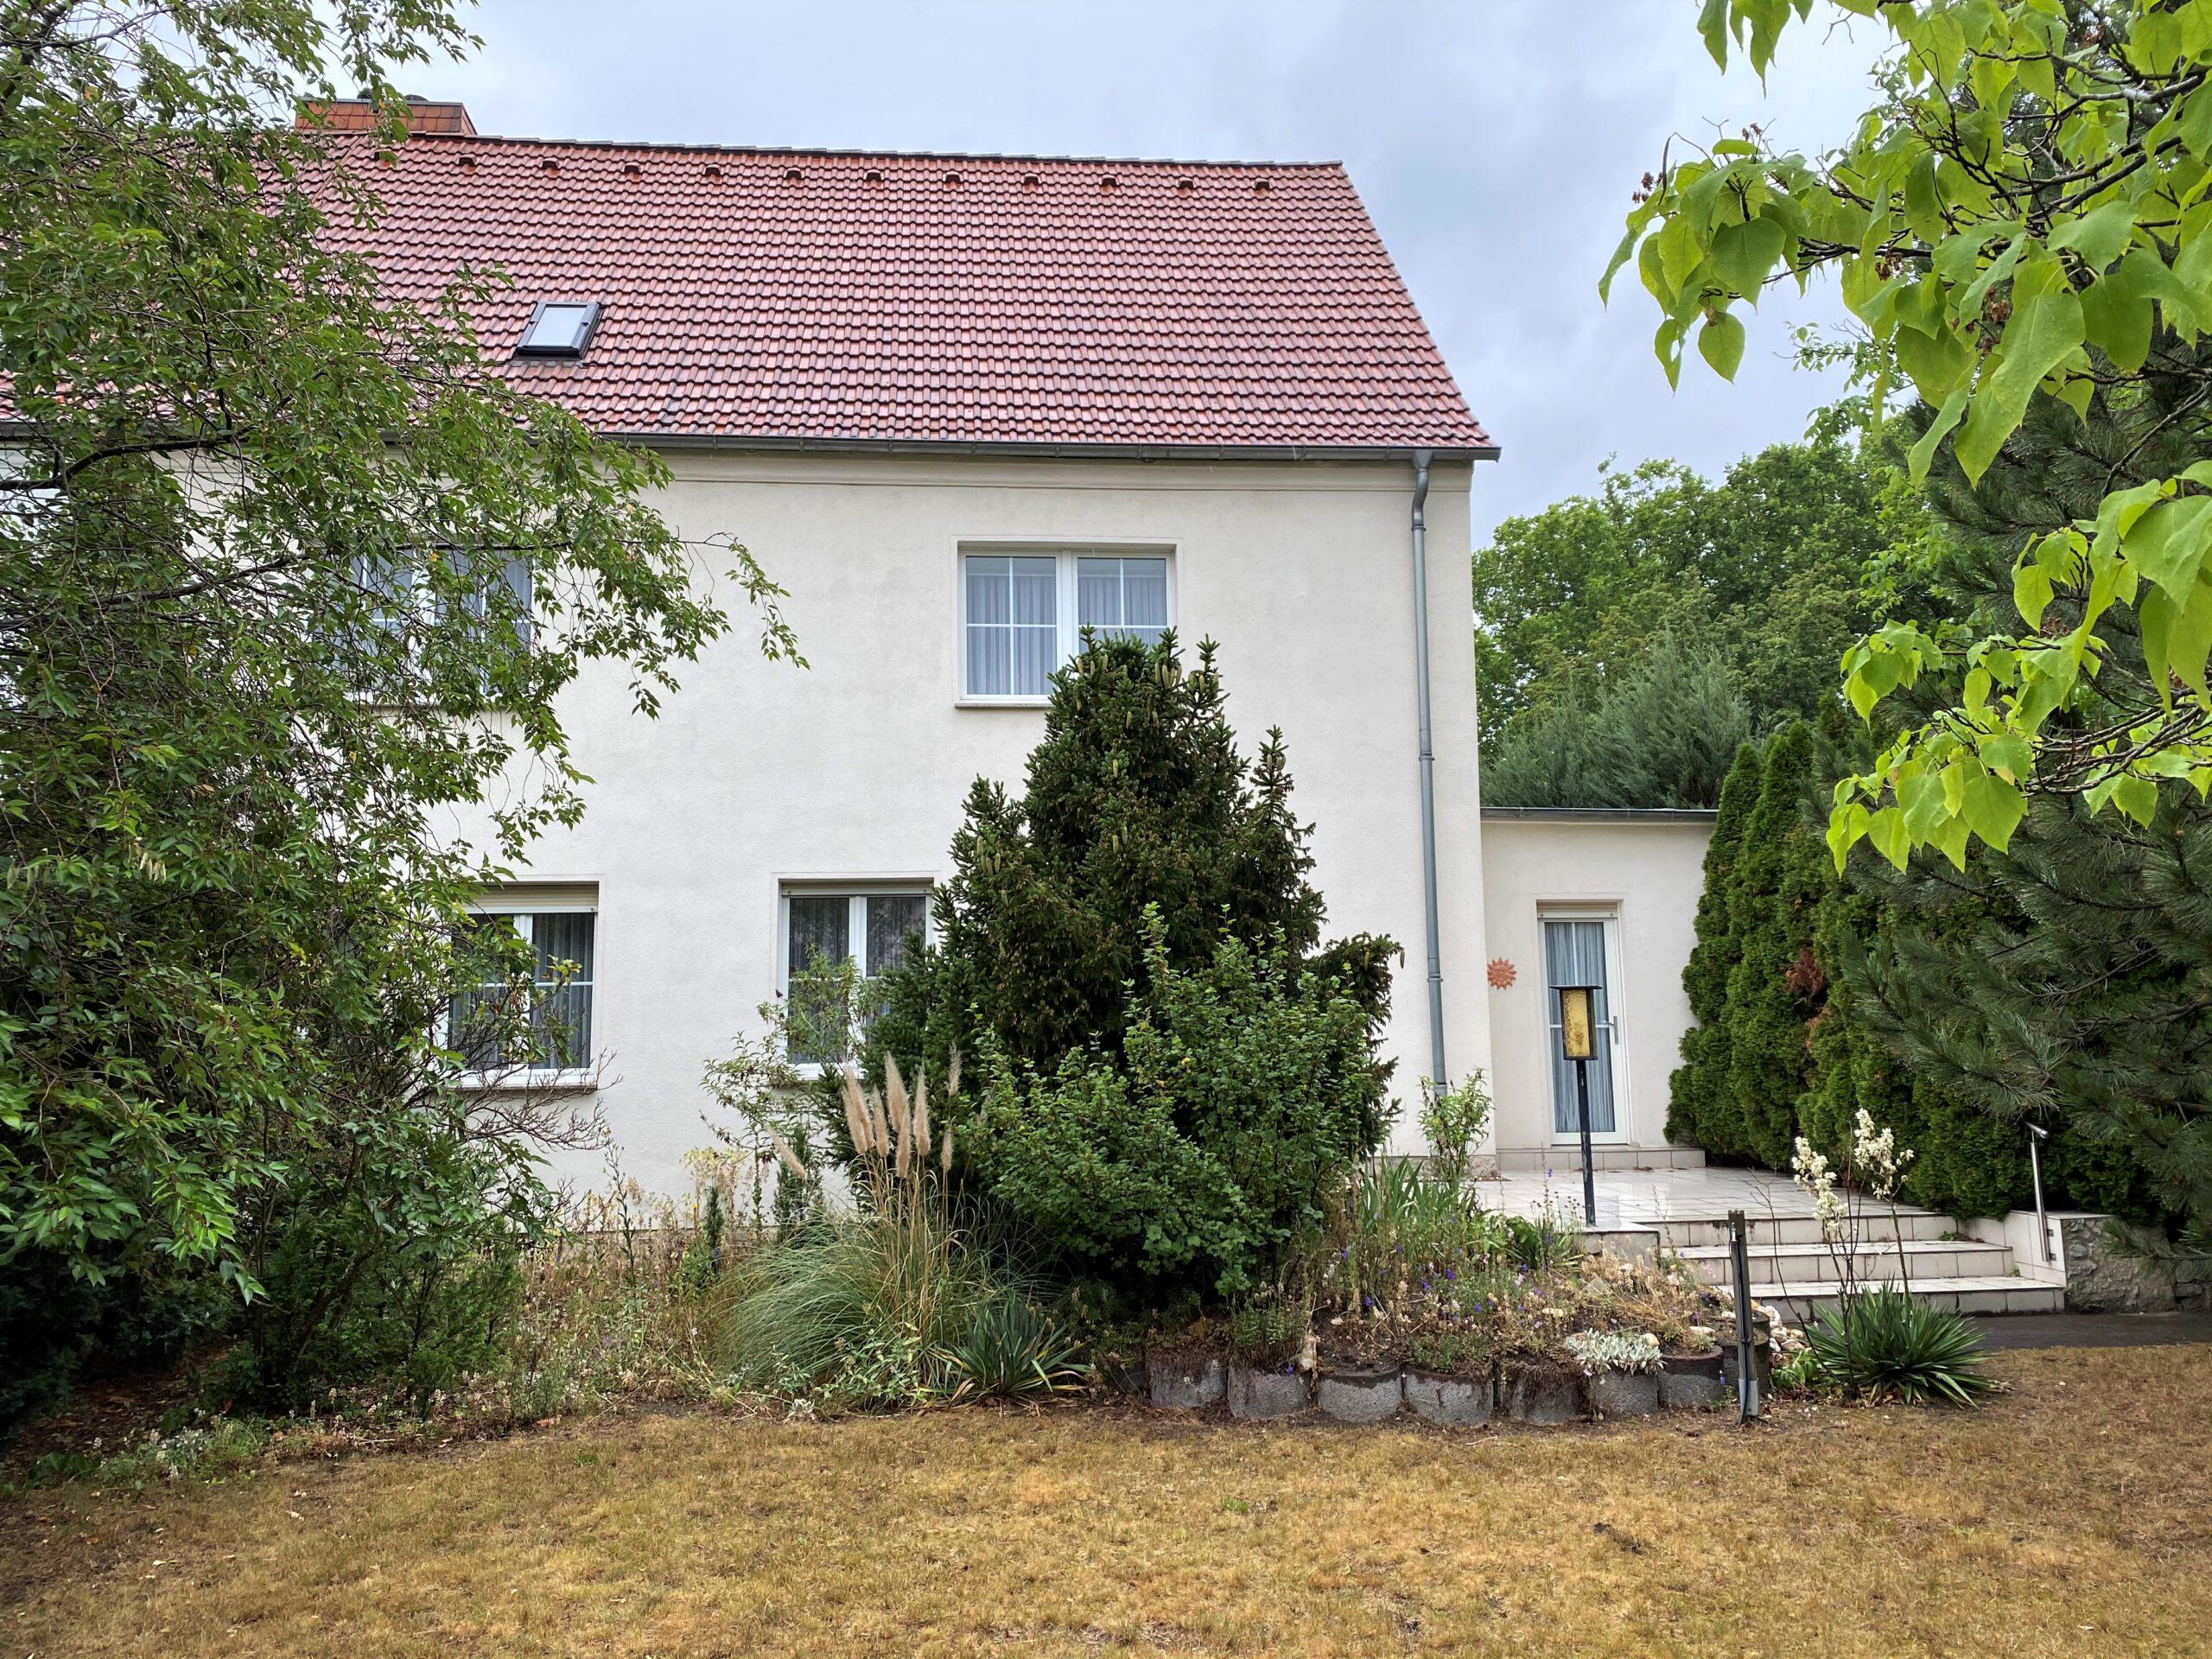 Einfamilienhaus in Leuna - Seitenansicht mit Wintergarten